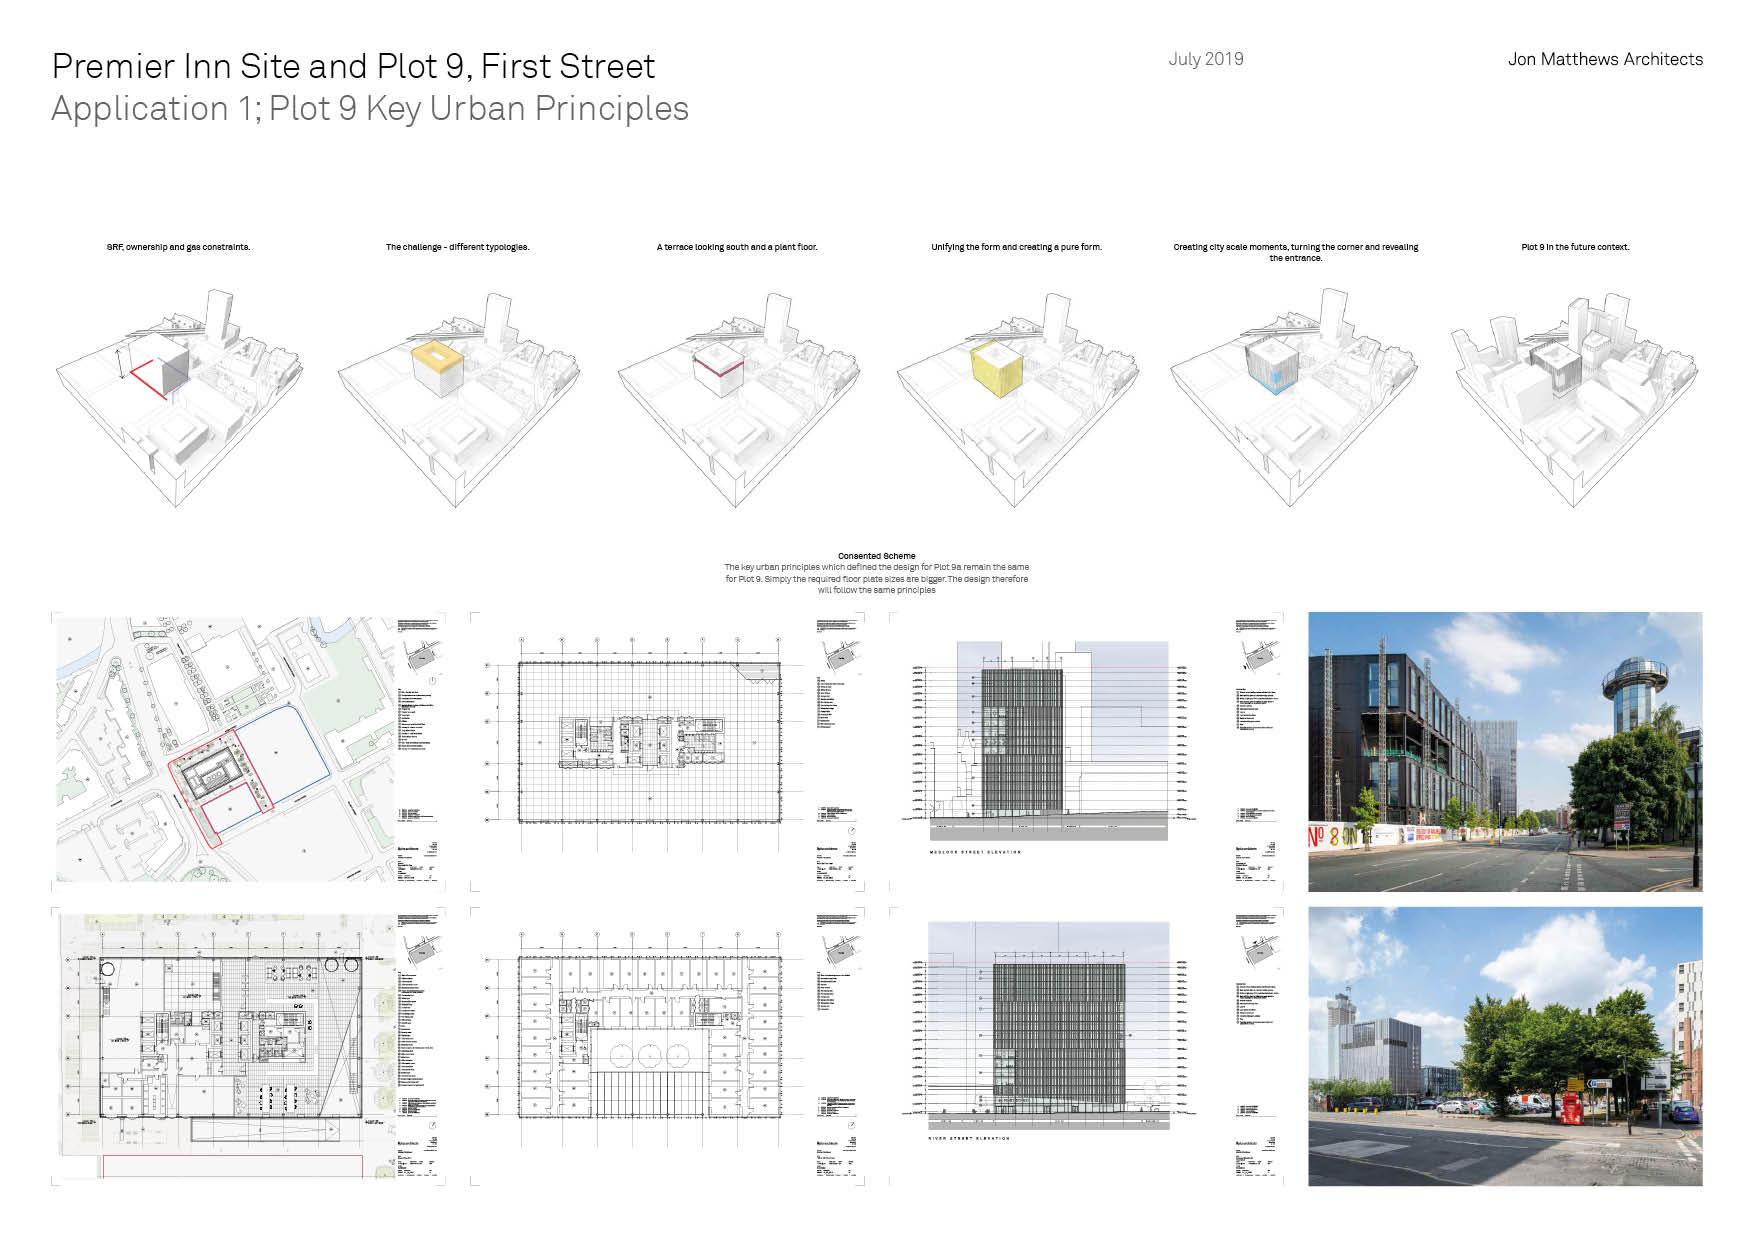 first_street_premier_inn_plot_9_7.jpg